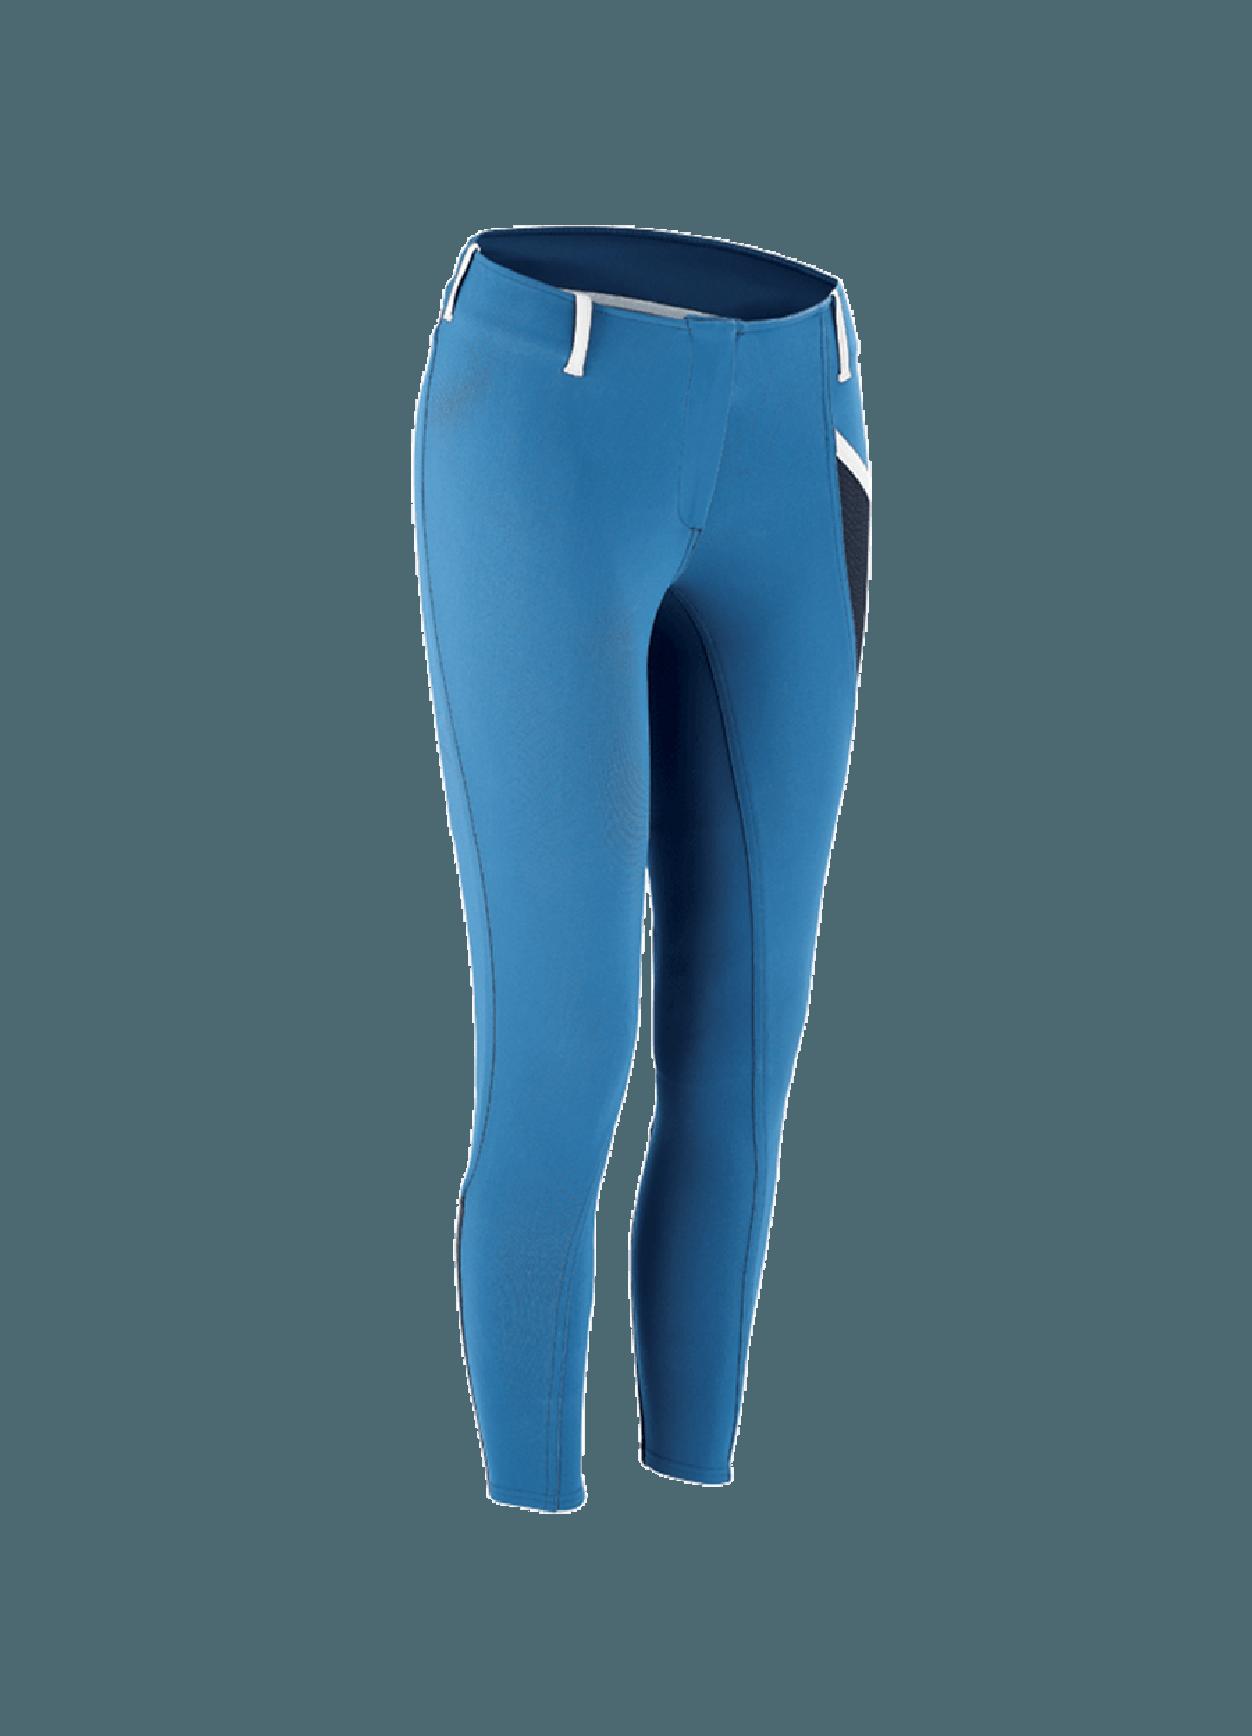 HorsePilot – Pantalon femme X Pure